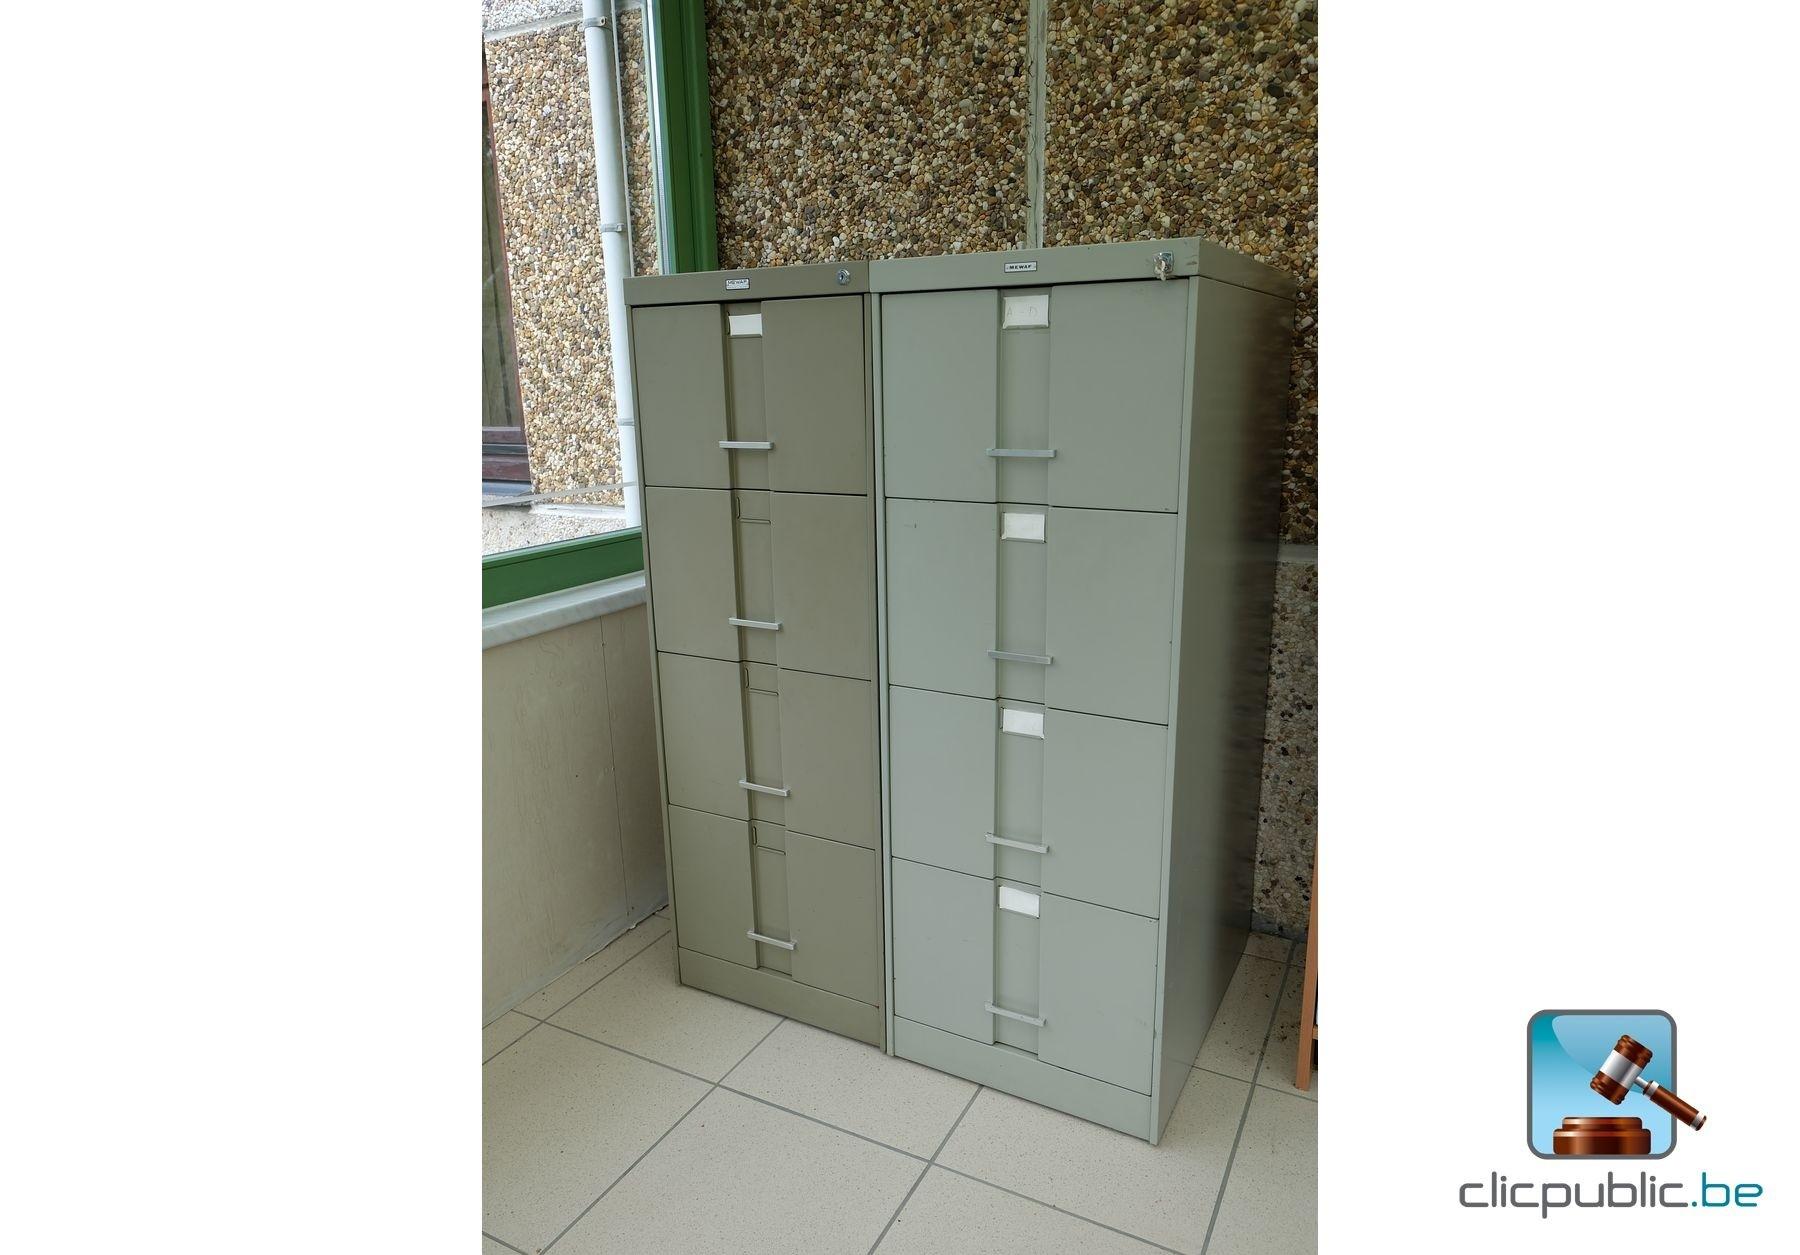 4 meubles tiroirs m talliques ref 38 vendre sur for Meuble metallique a tiroir